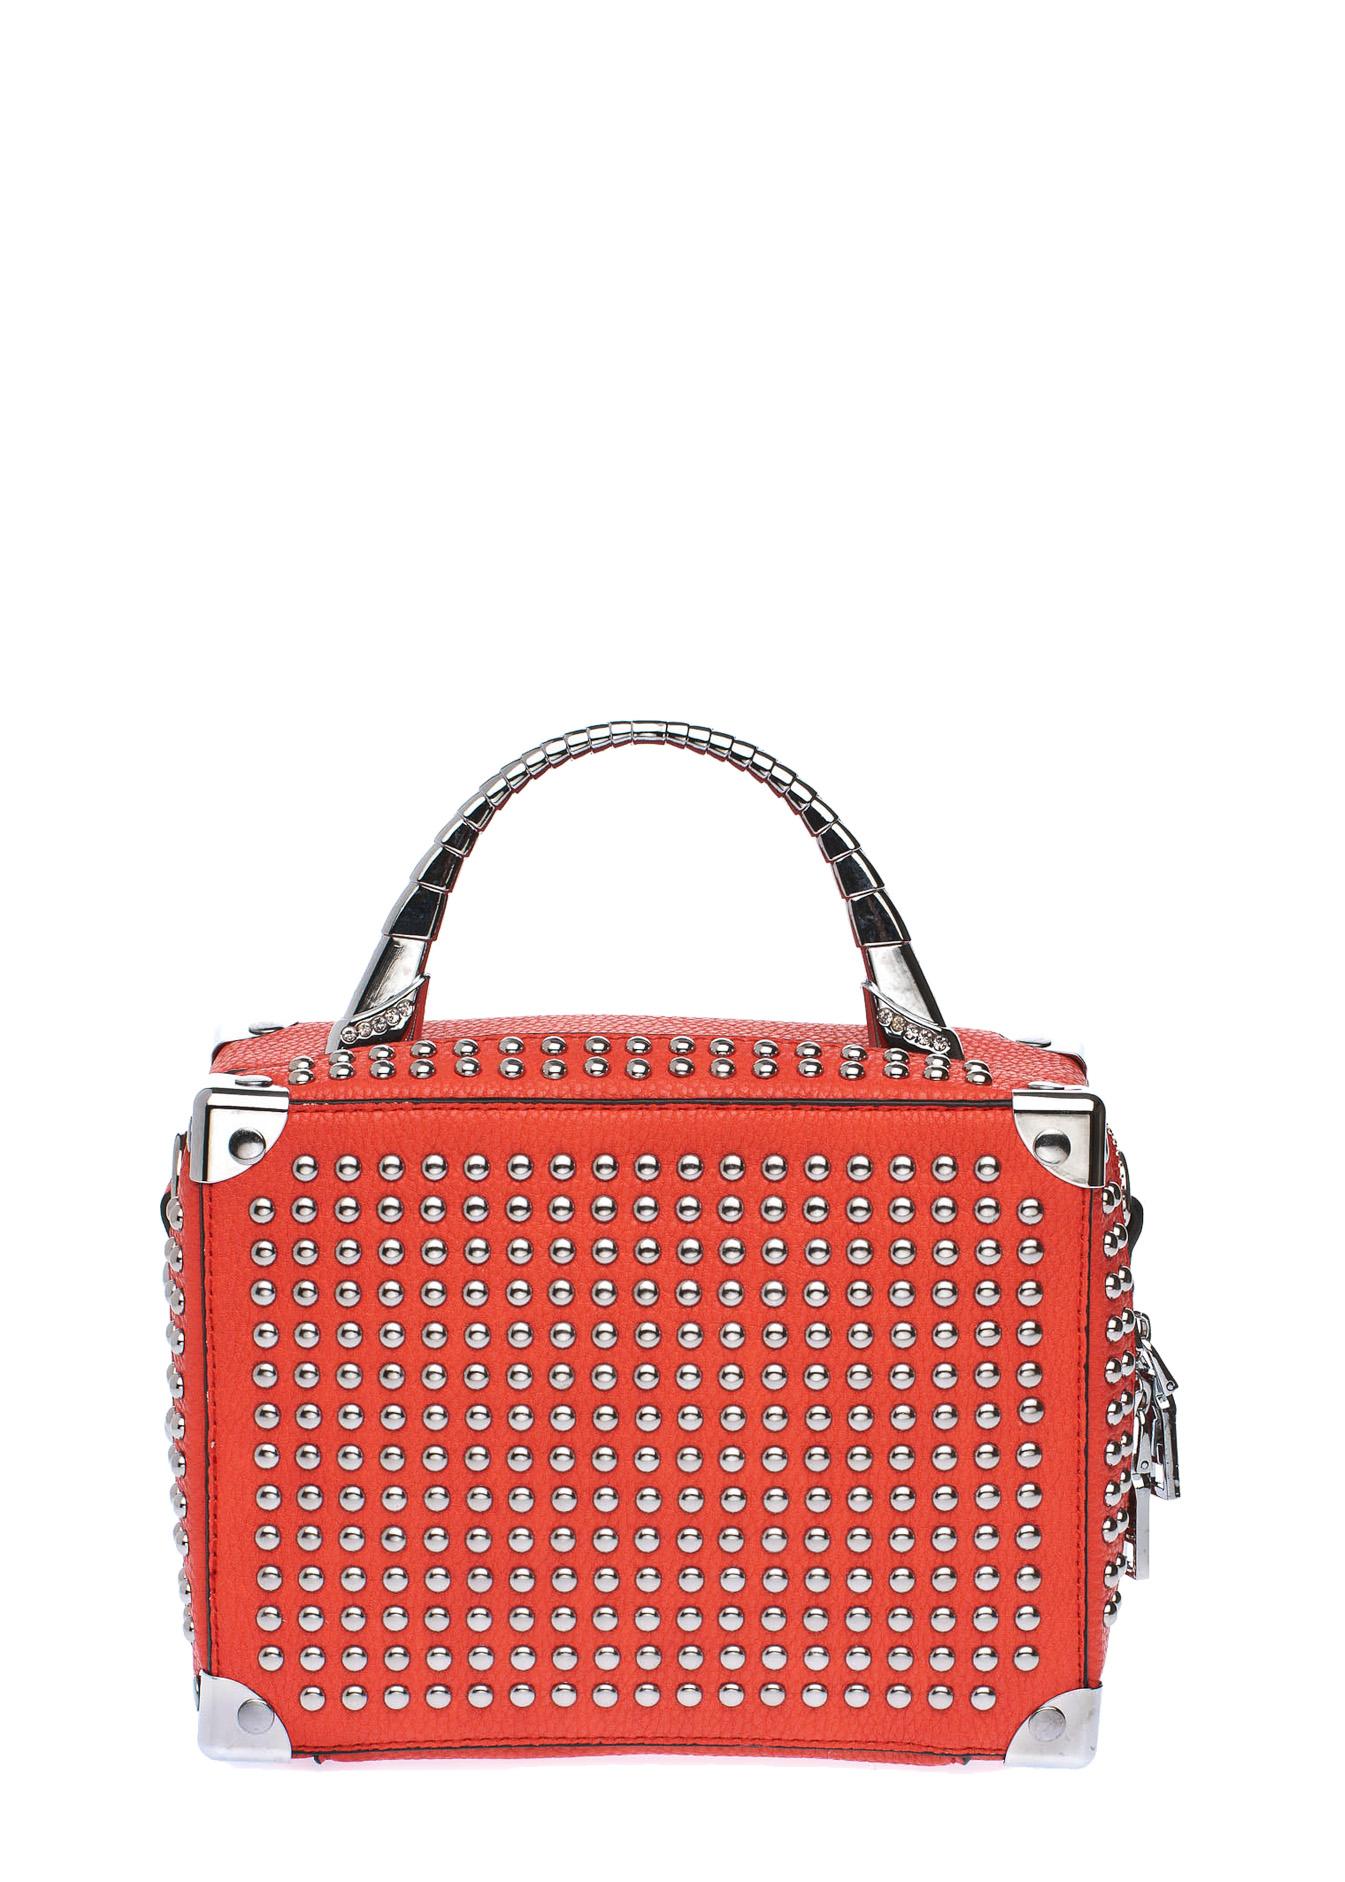 Izzy studded box clutch bag, κόκκινο τσάντες